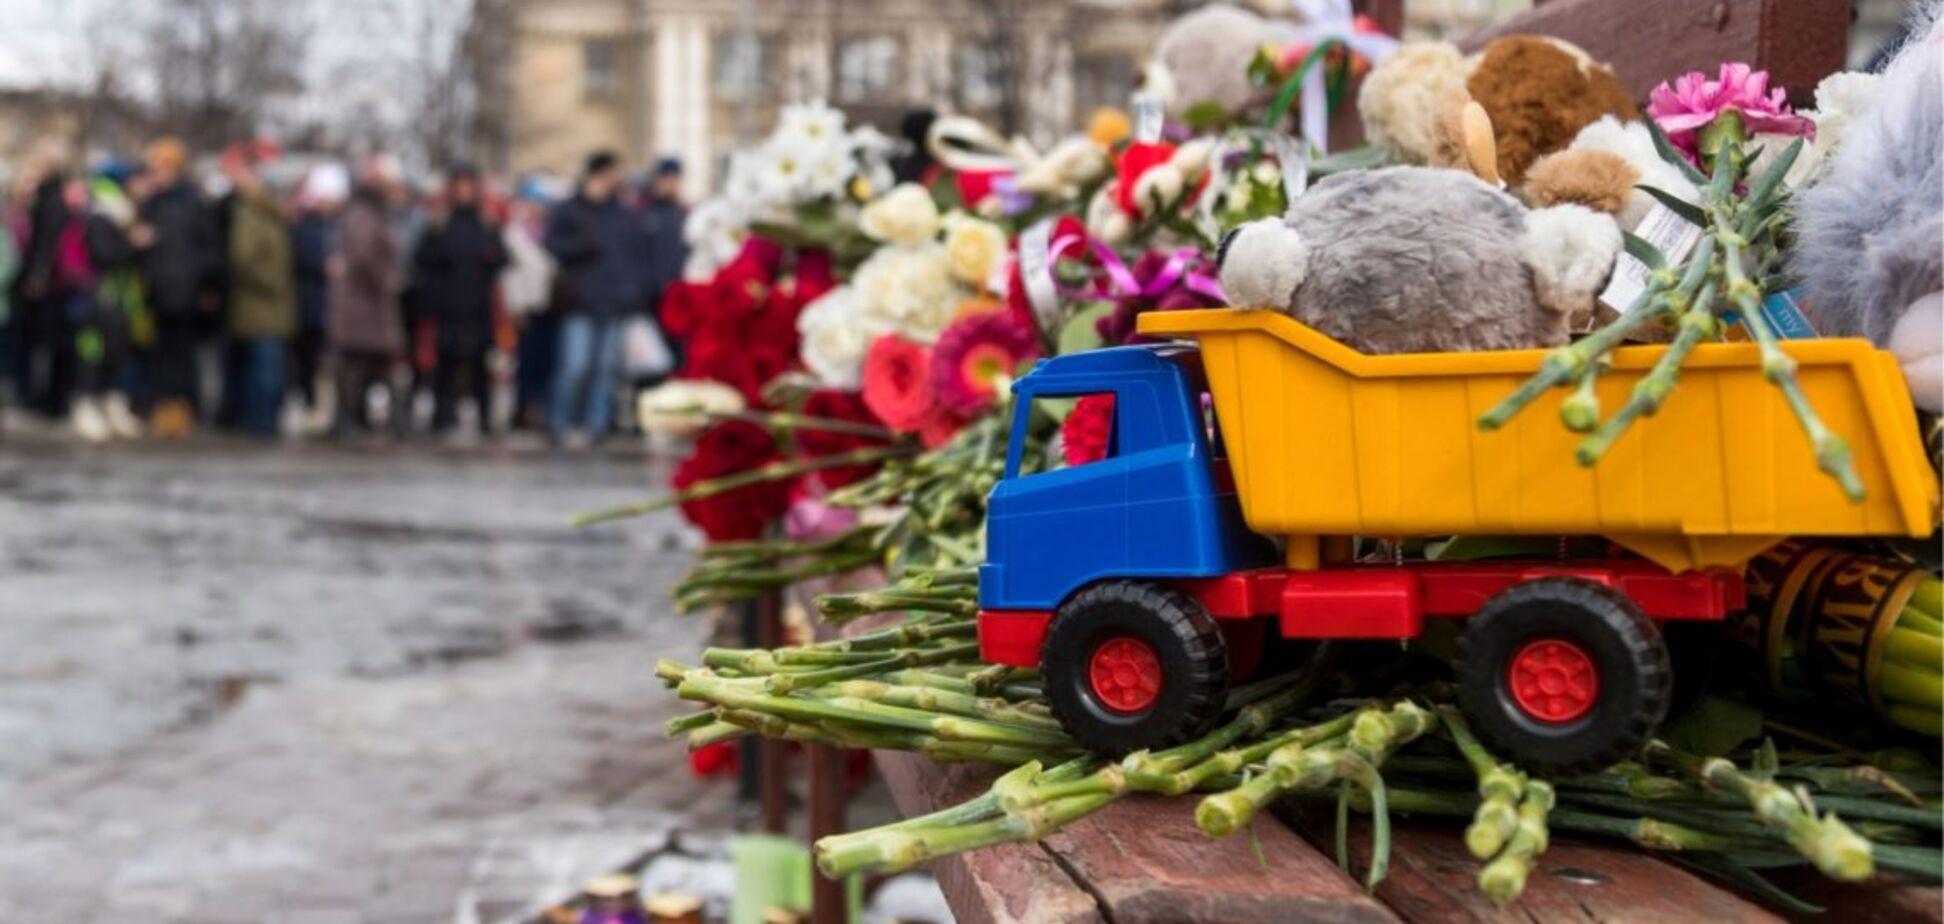 'Померли вчасно': журналіст РПЦ цинічно прокоментував загибель дітей в Кемерово